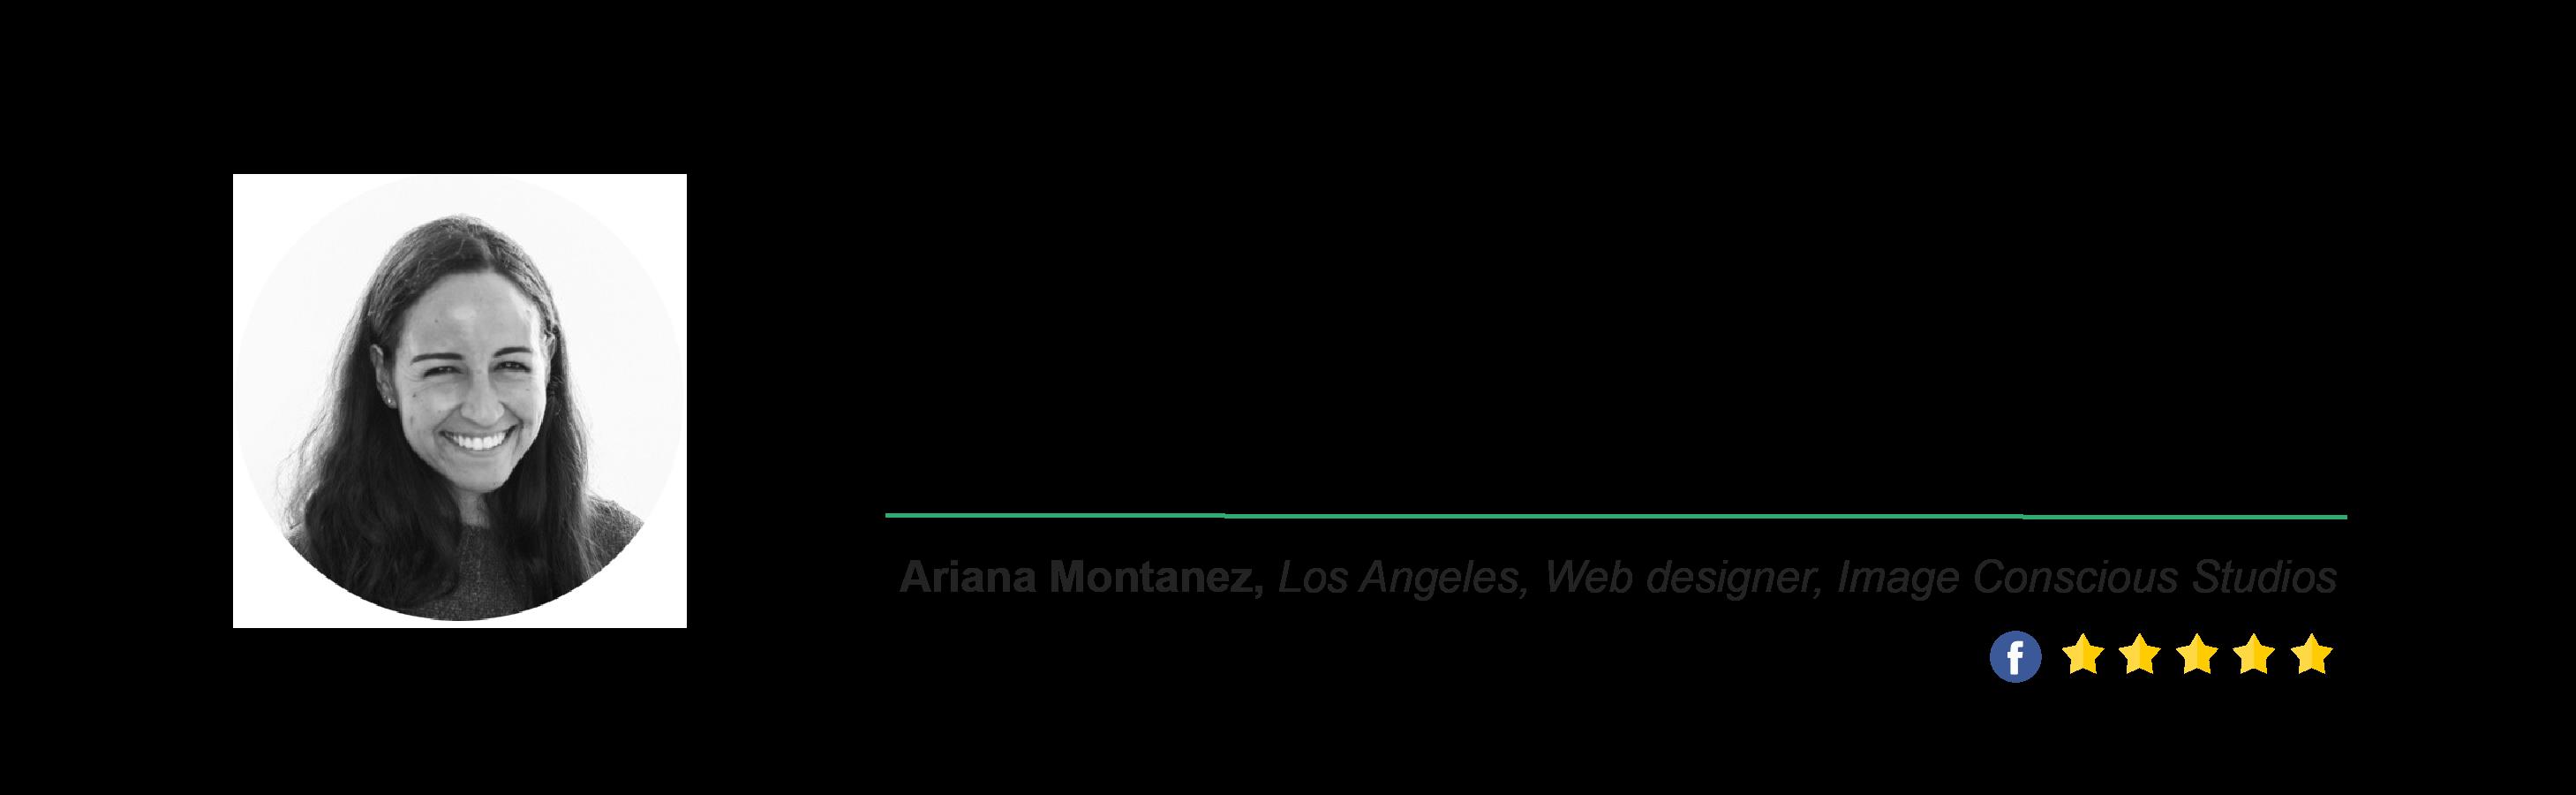 Locus Testimonial - Ariana Montanez